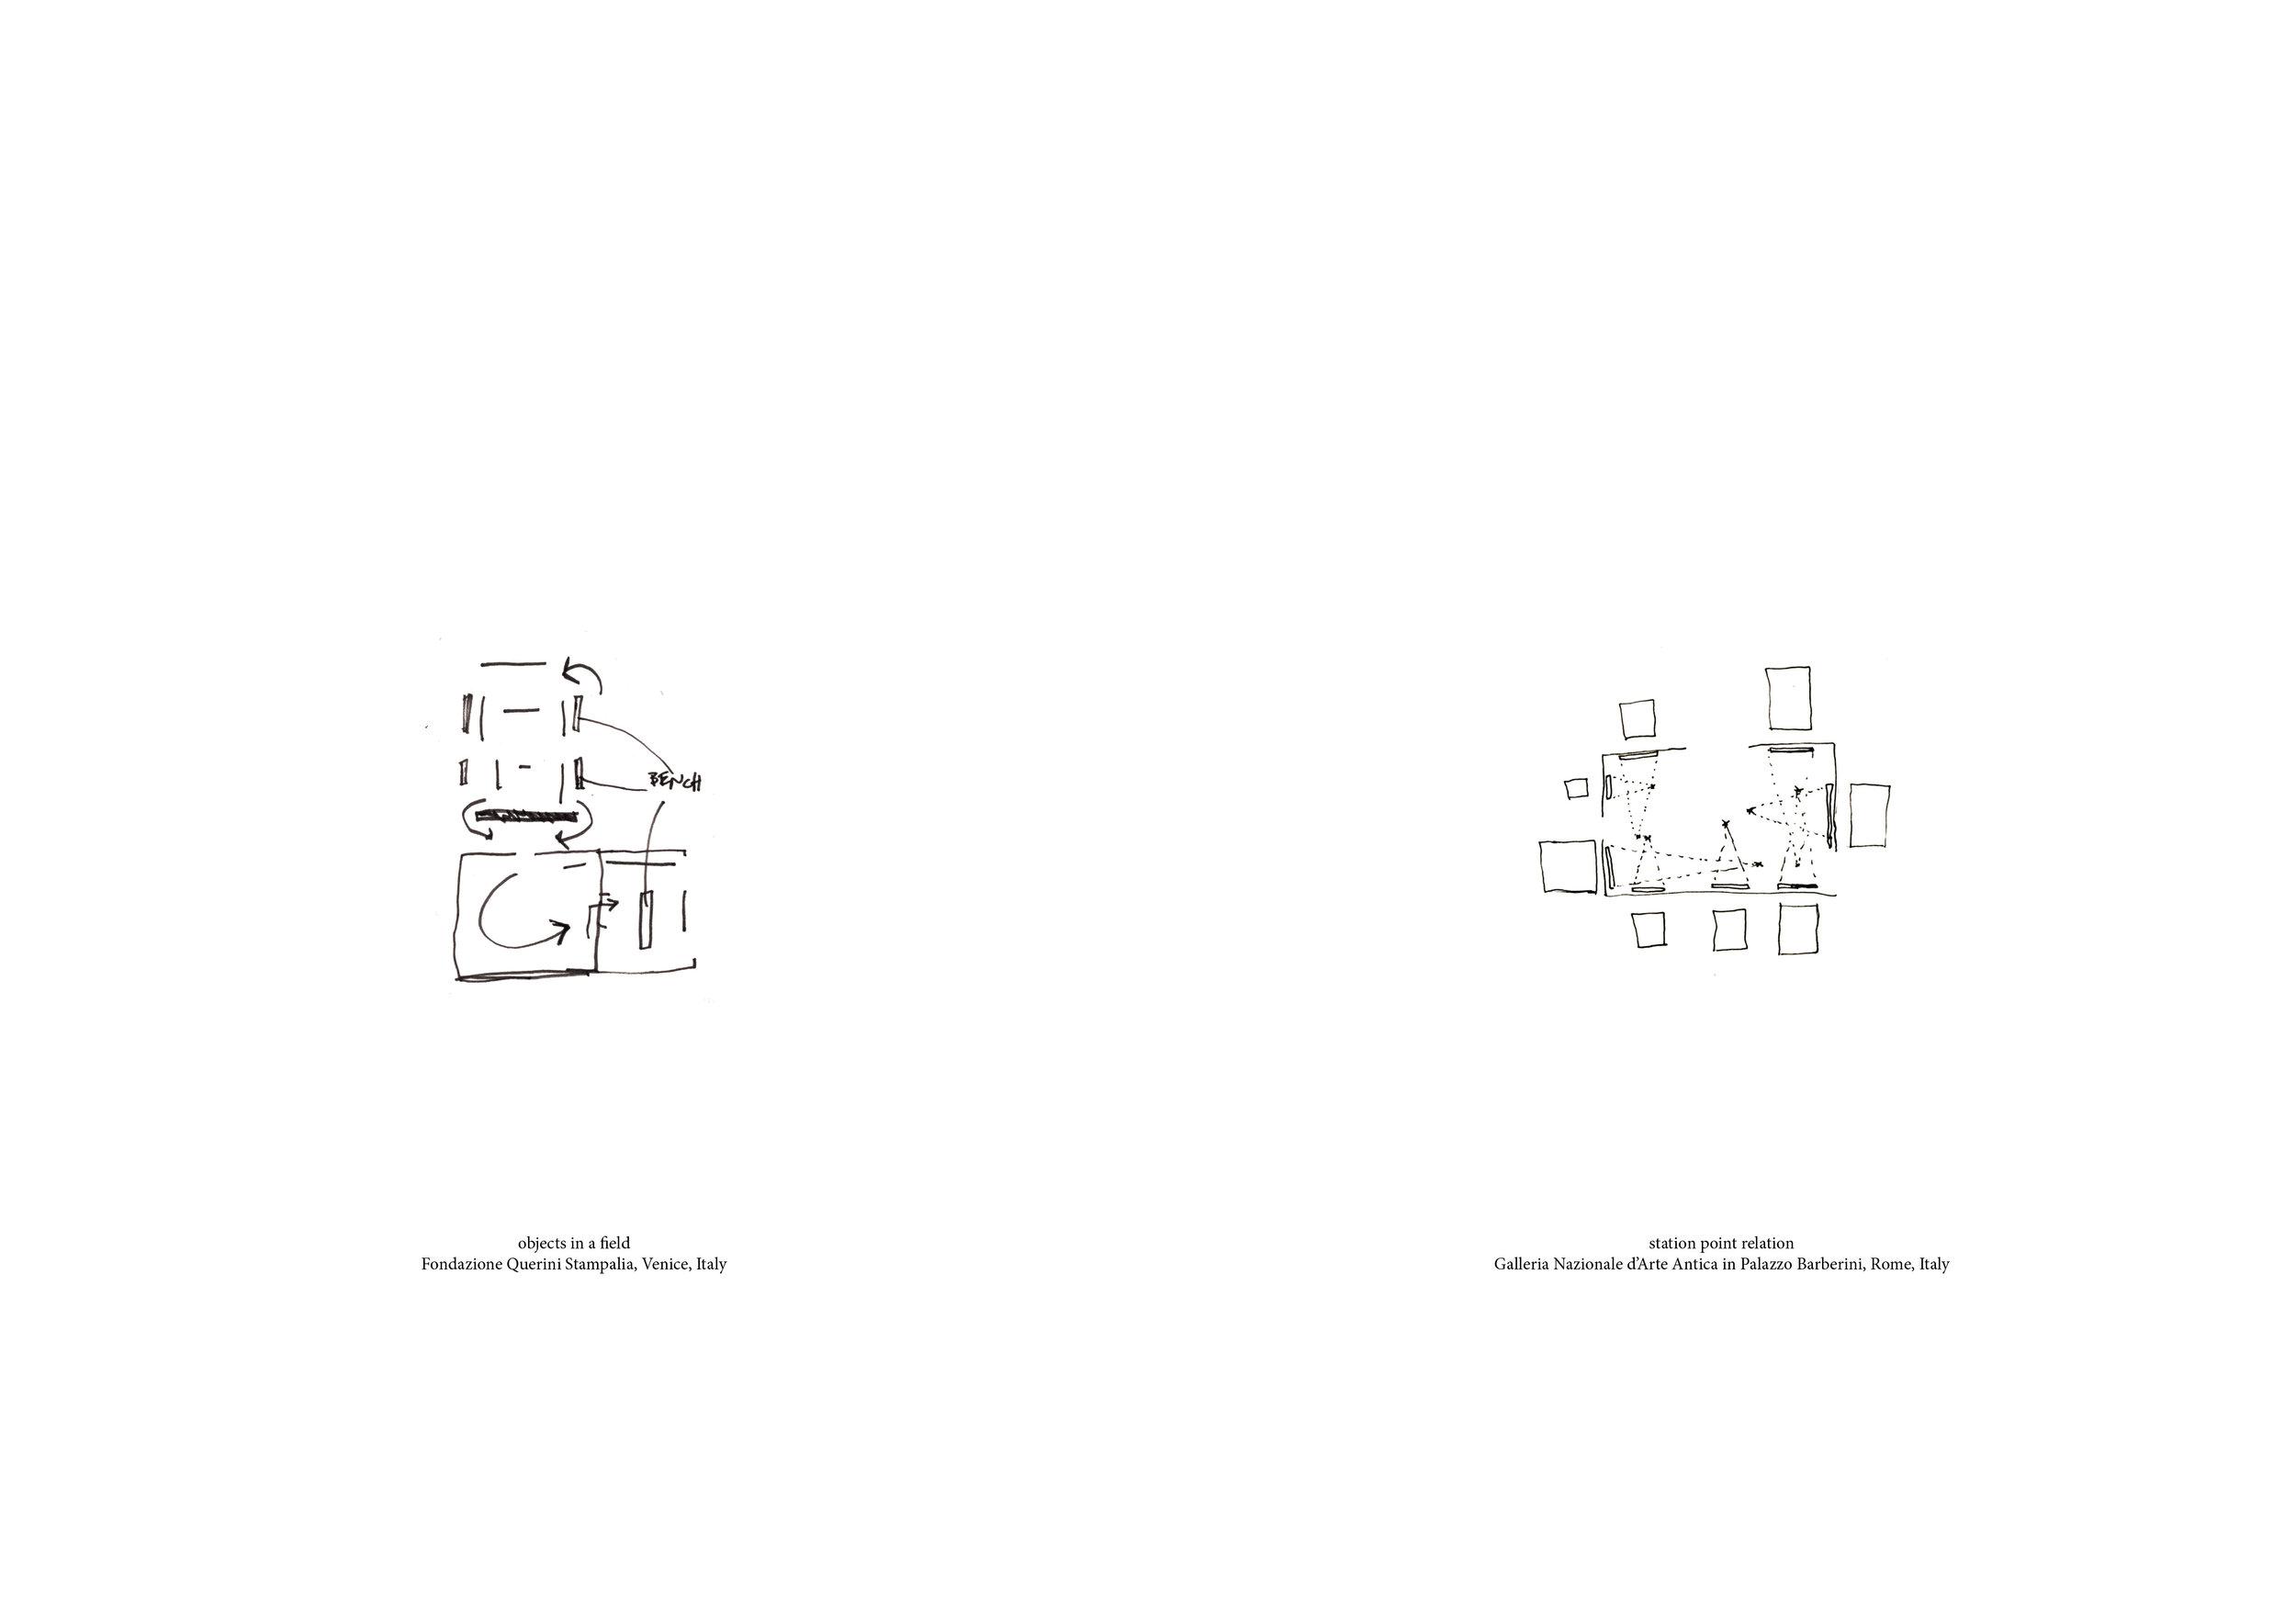 web diagram book print 310.jpg